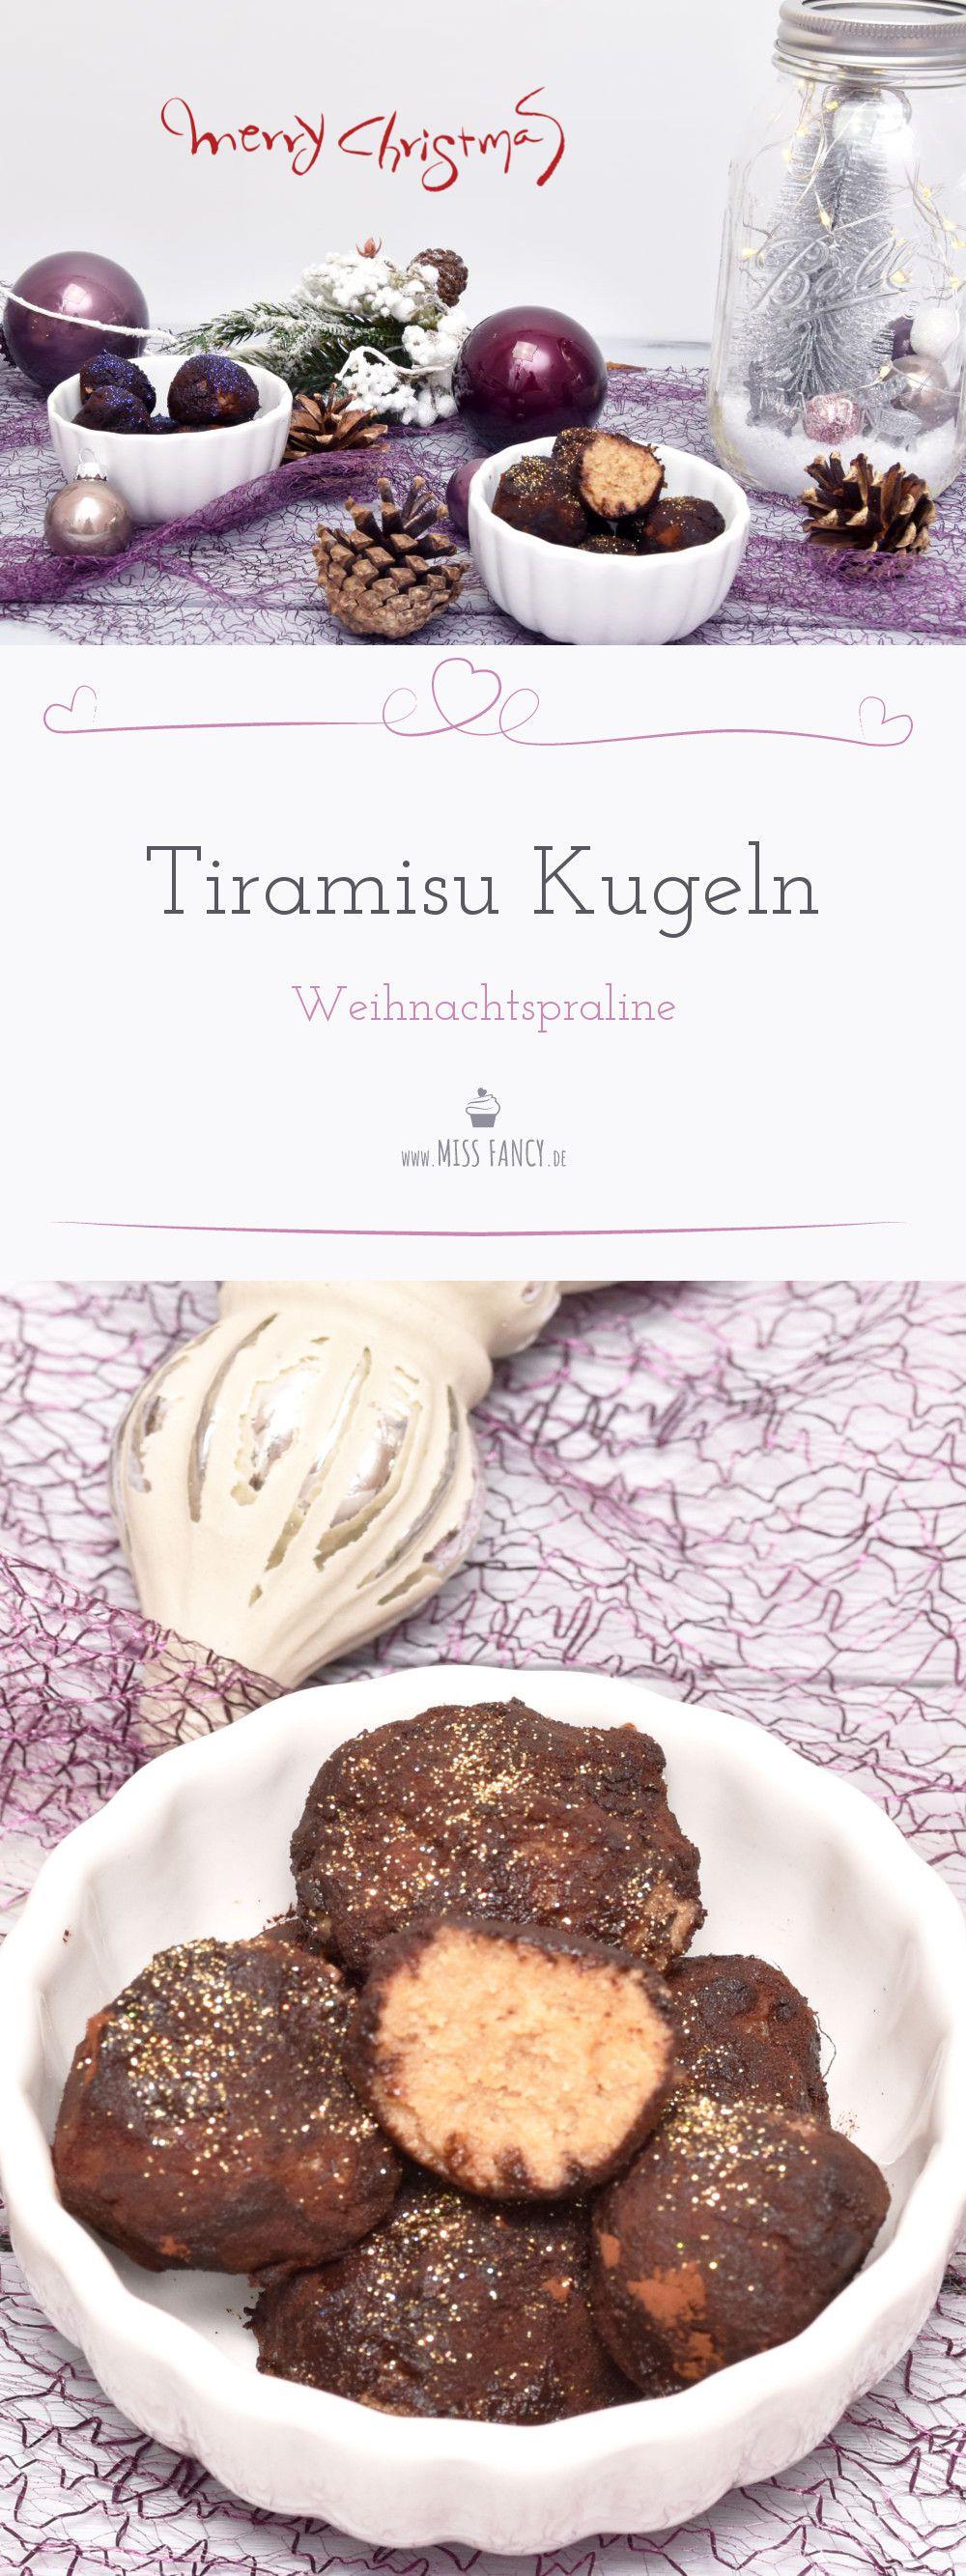 Rezept-Tiramisu-Kugeln-Weihnachtspraline